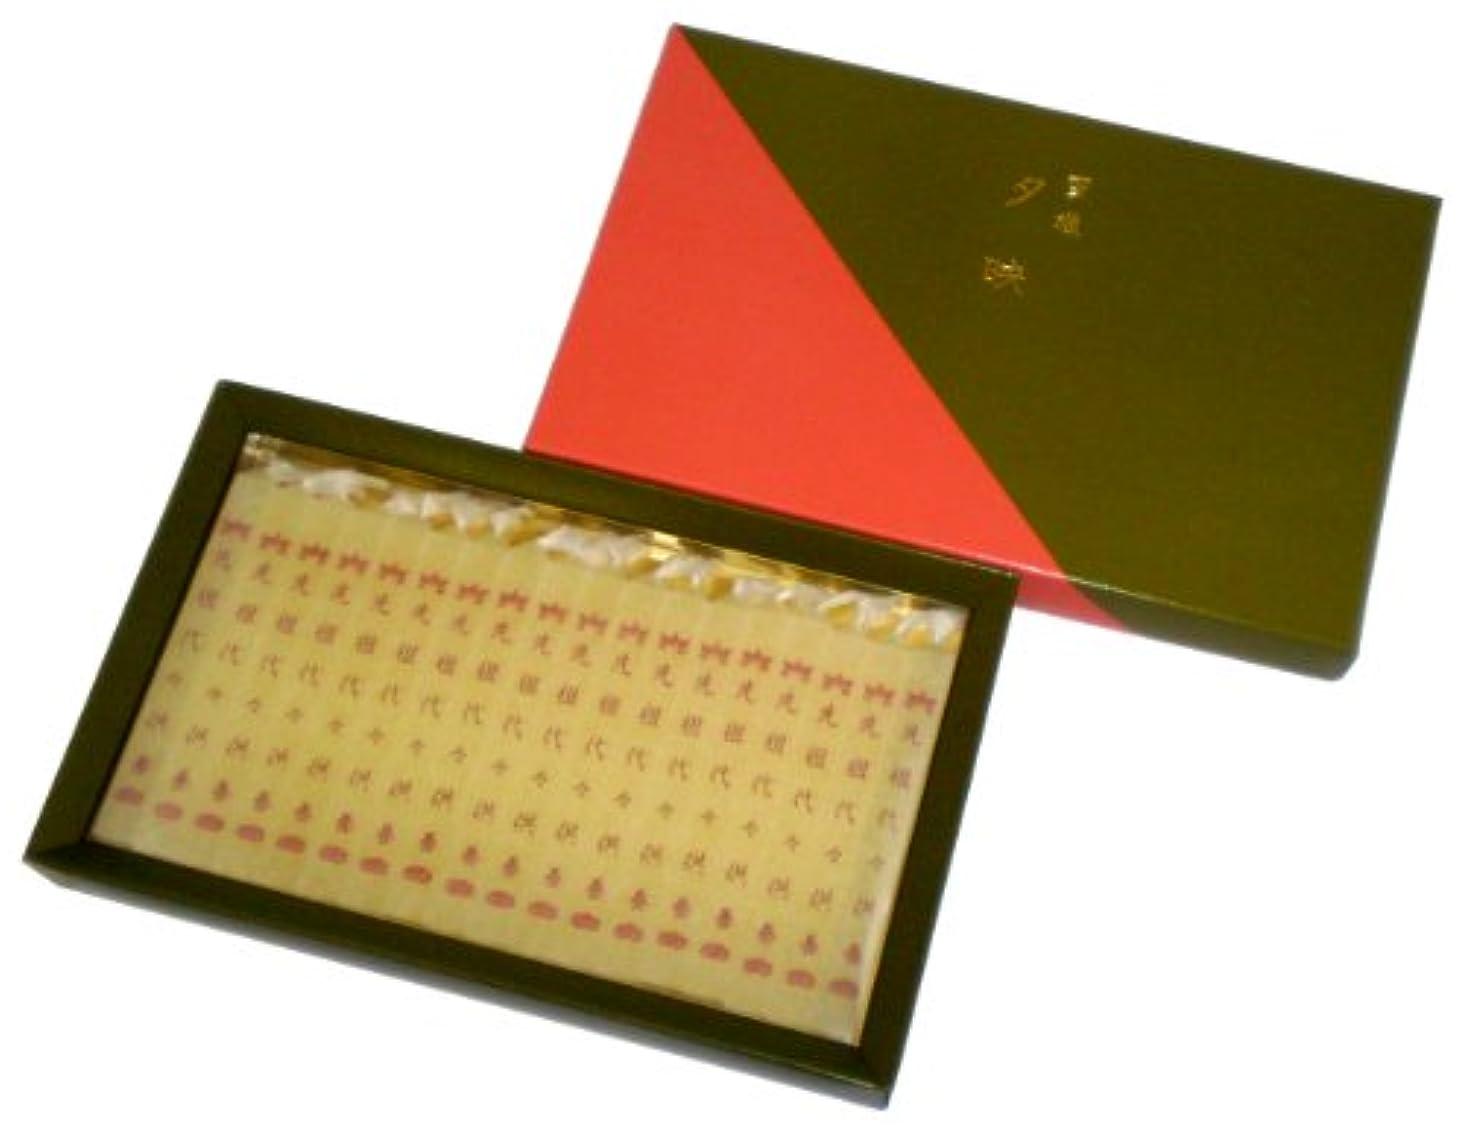 ピクニック建物エイズ鳥居のローソク 蜜蝋夕映 先祖 18本入 紙箱 #100753